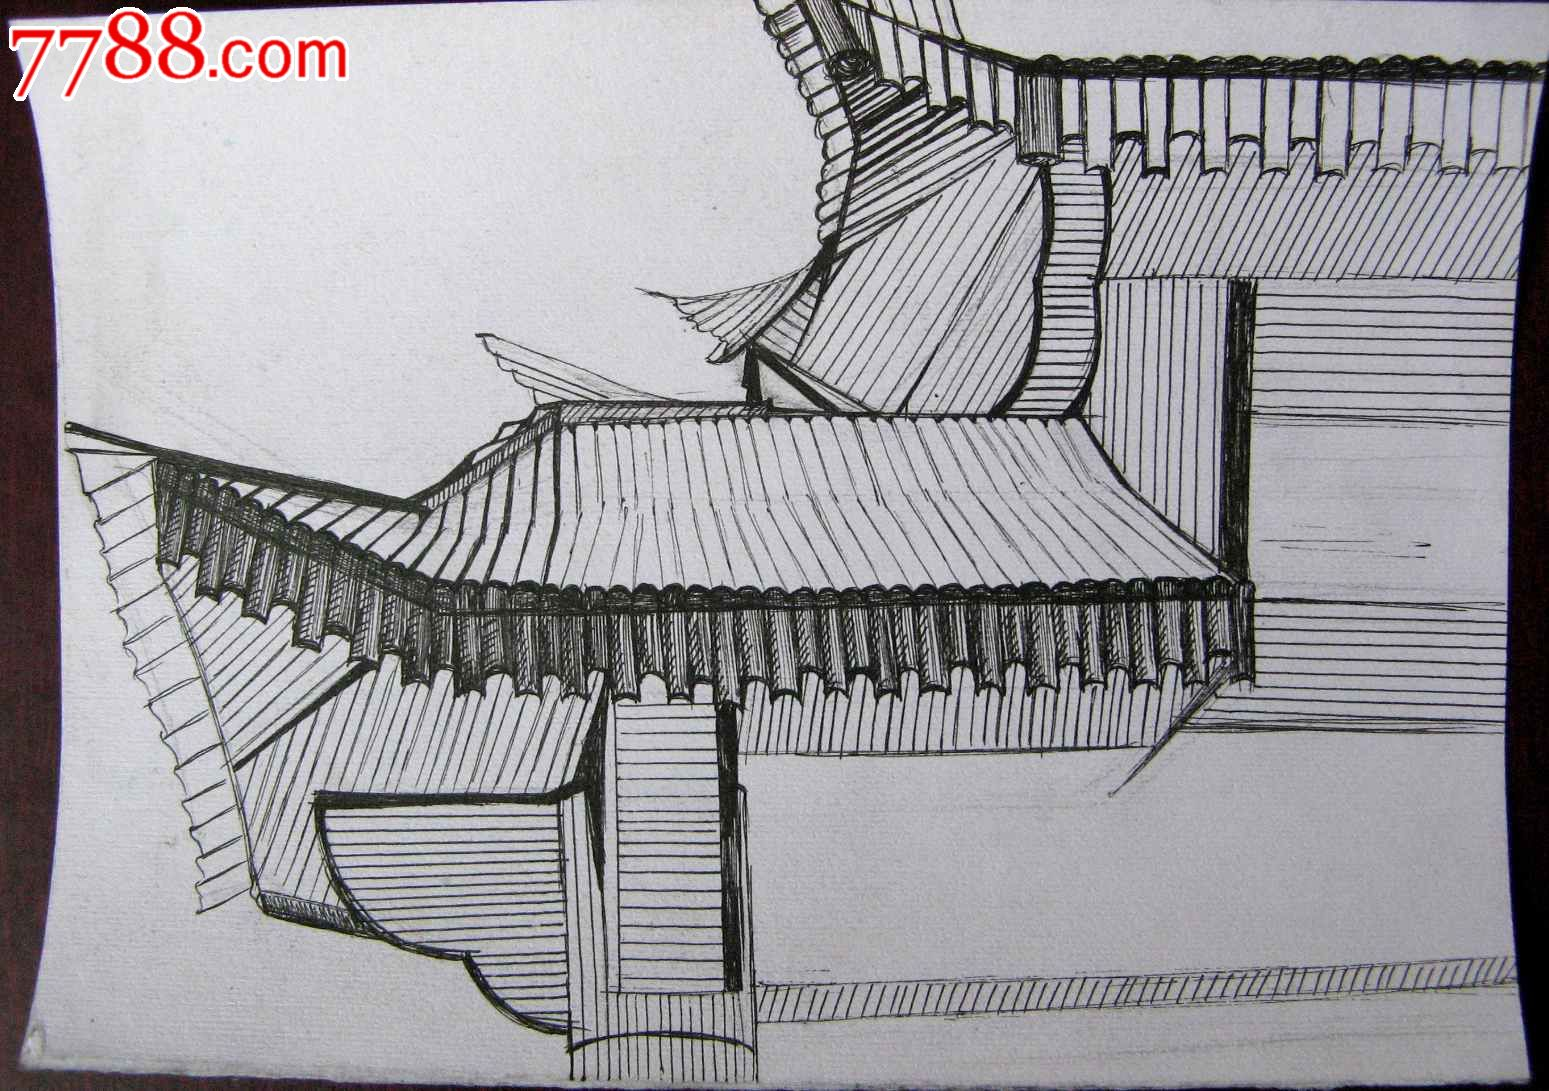 素描风景建筑画:飞檐-素描/速写--se18651710-零售